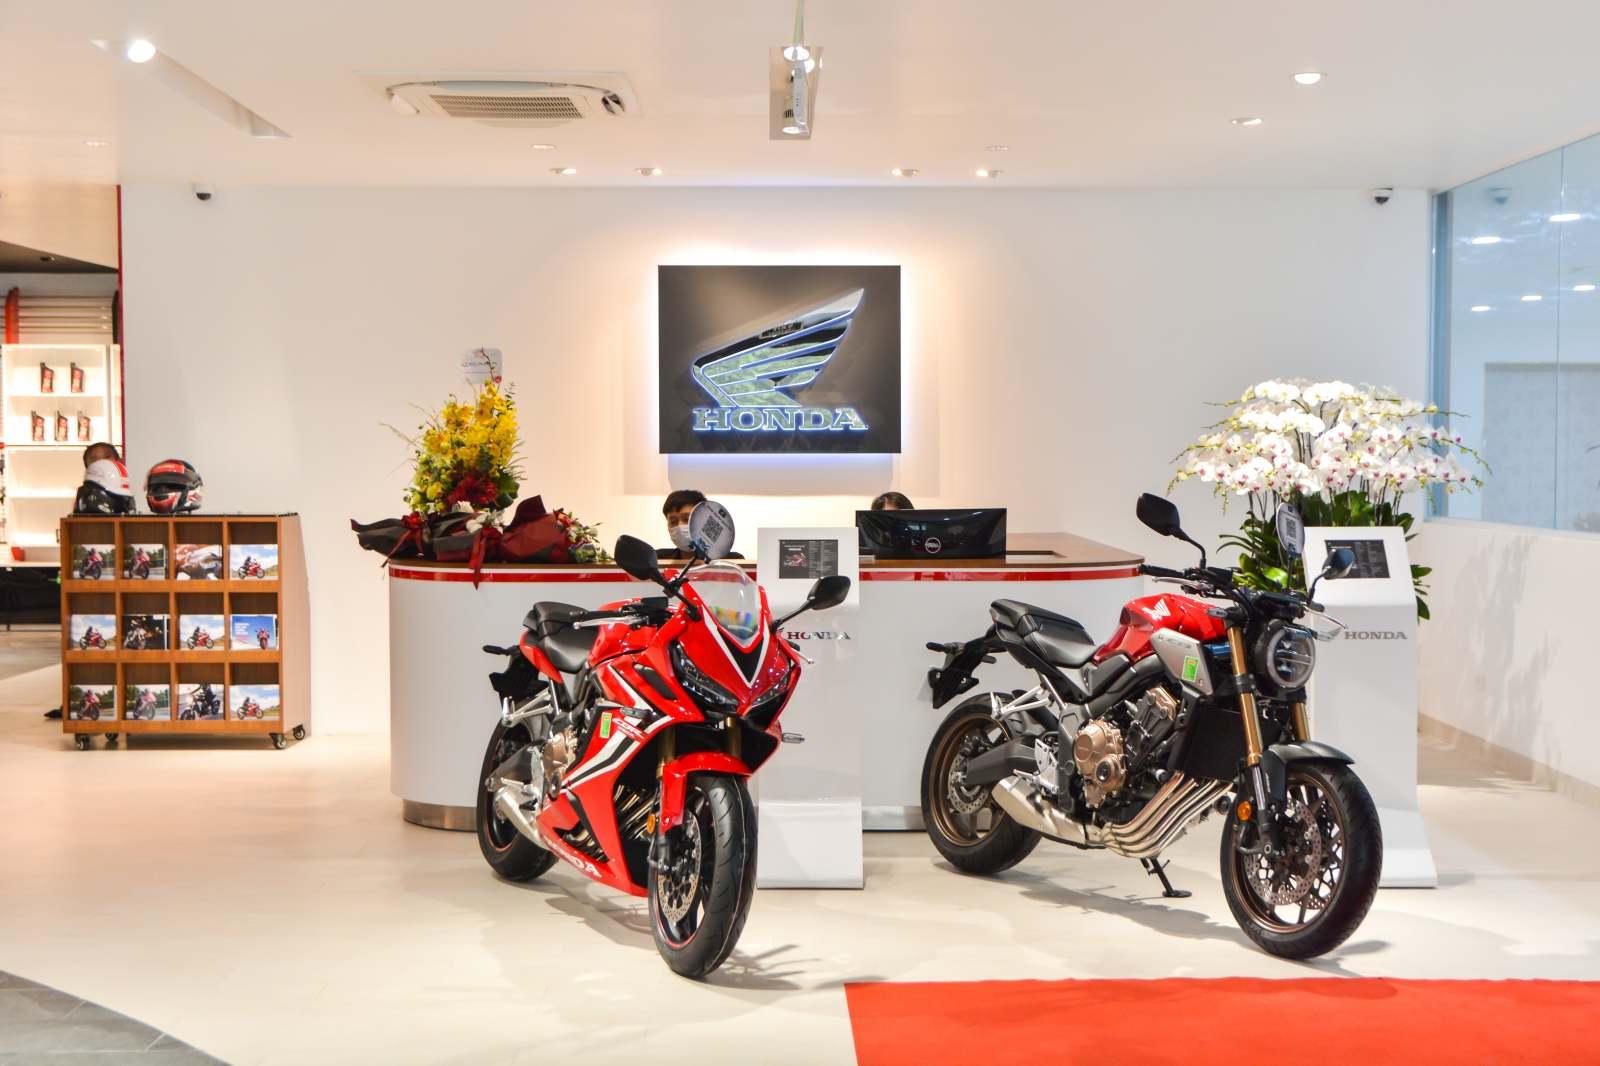 Honda khai trương cửa hàng xe phân khối lớn đầu tiên tại Hà Nội - 04